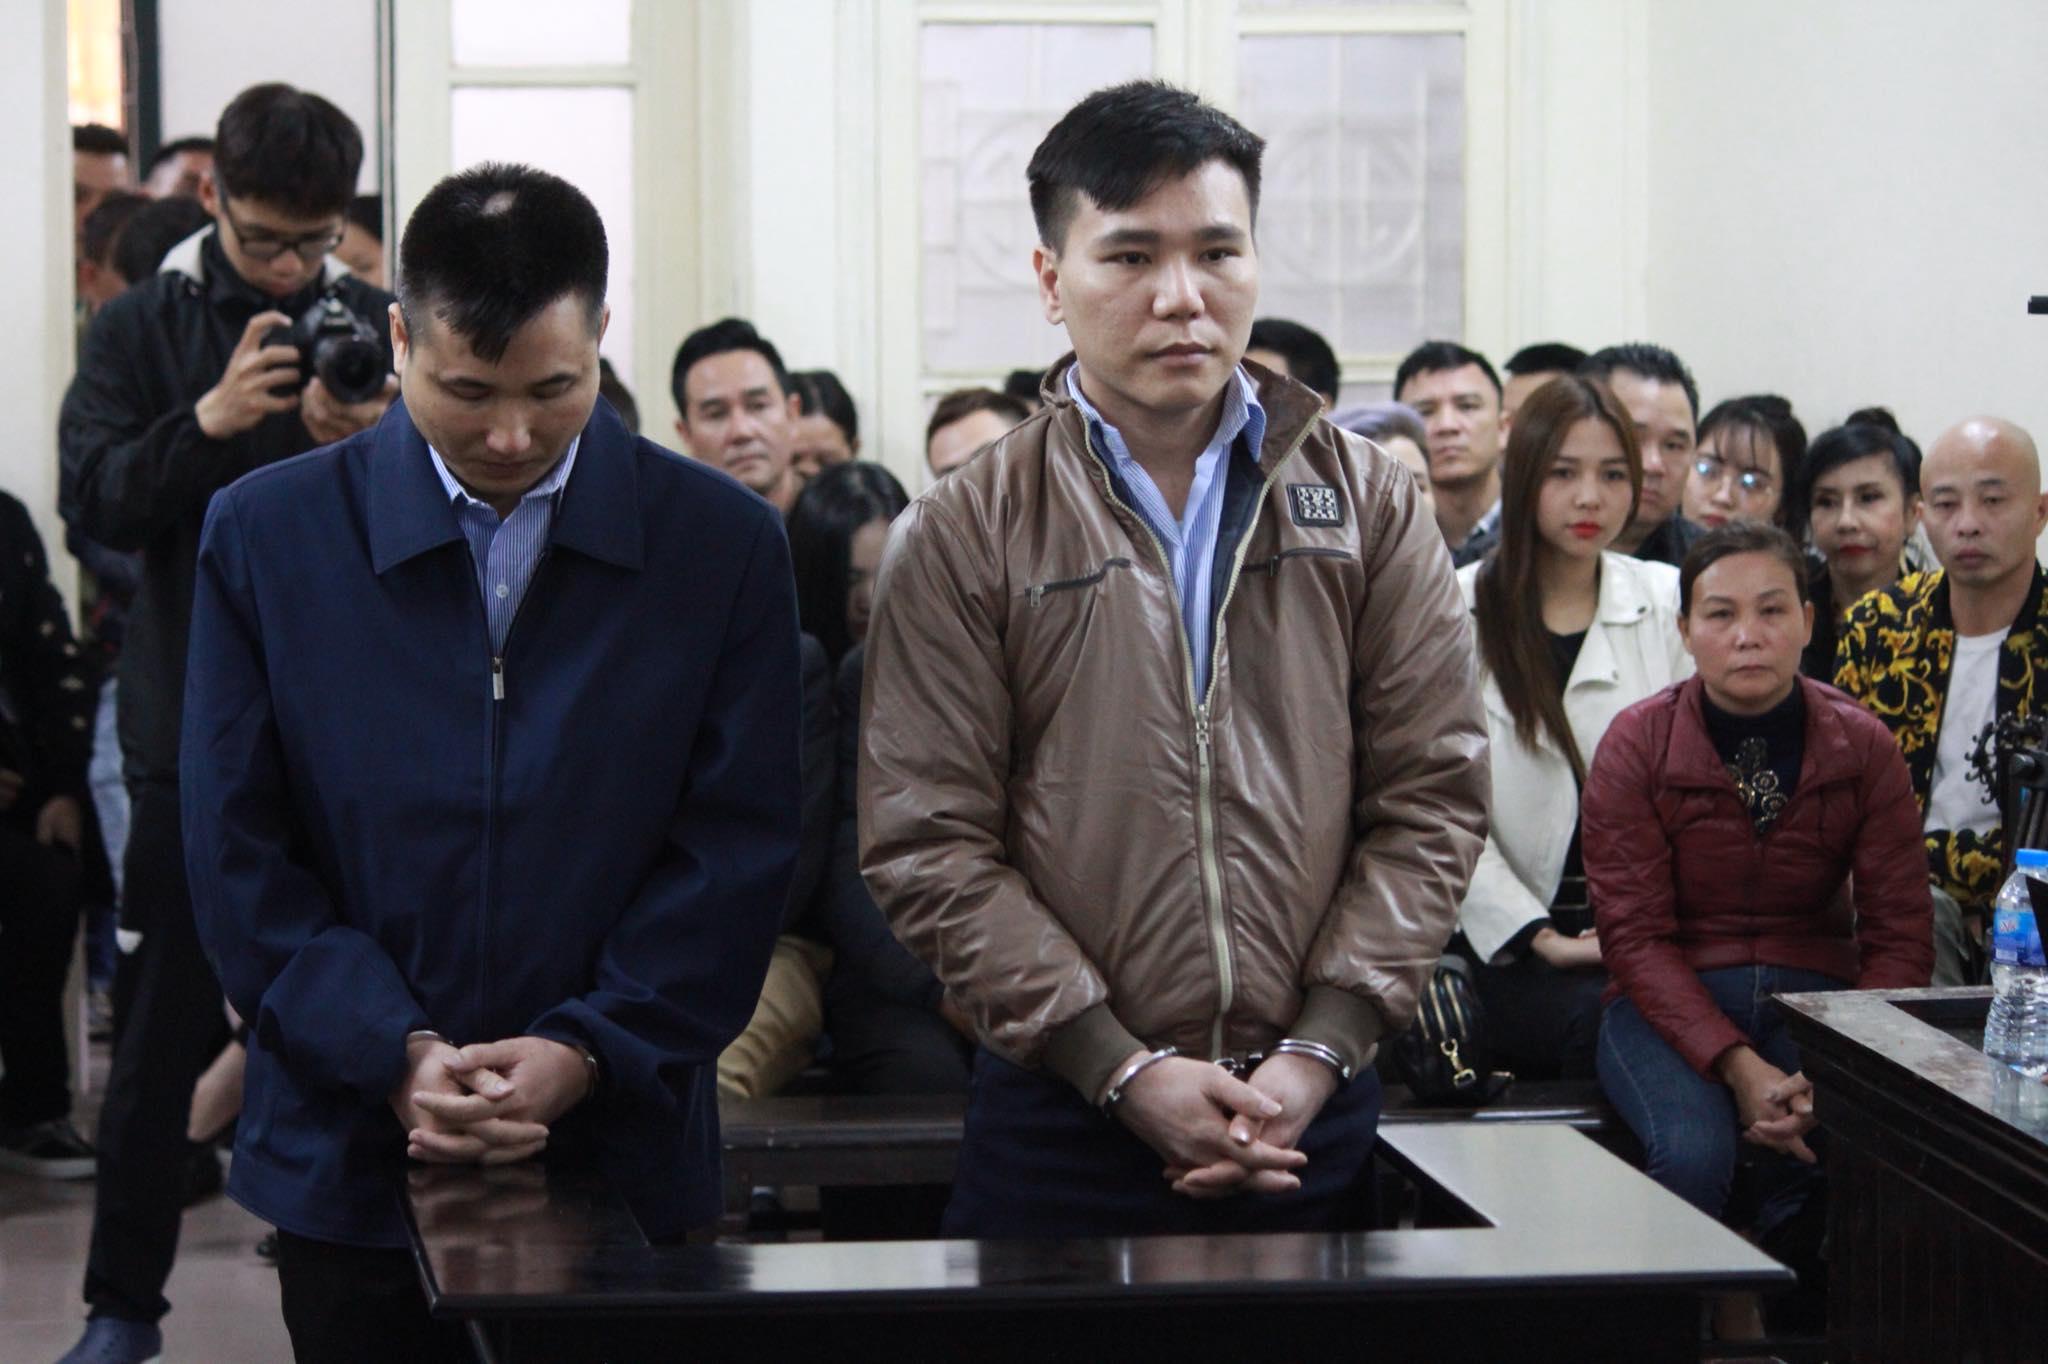 Tuyên án ca sĩ Châu Việt Cường nhét tỏi vào miệng làm cô gái trẻ tử vong - 1